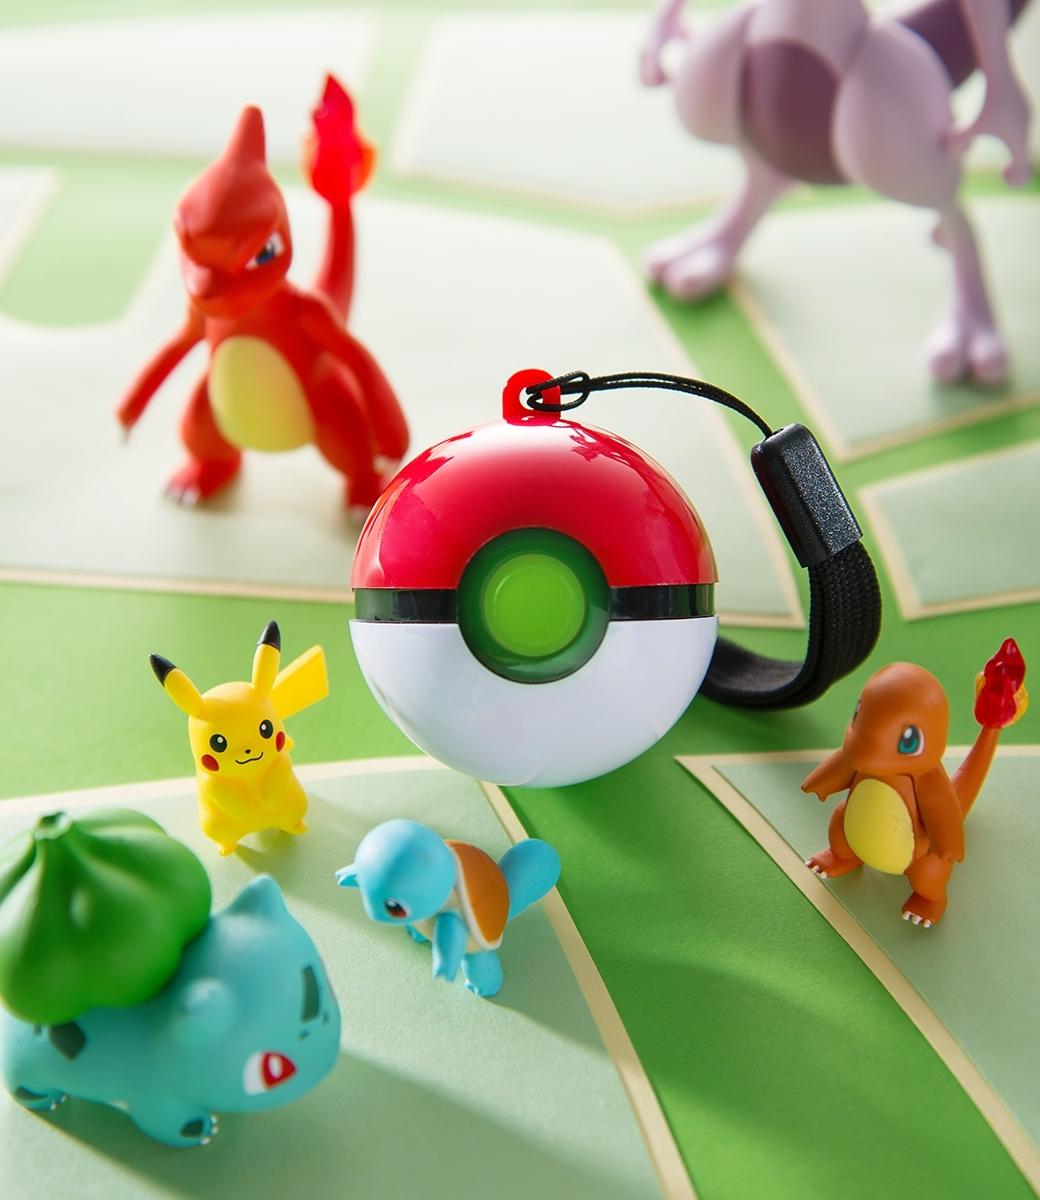 3D寶貝球悠遊卡回來了、還開放「限時不限量預購」!只有悠遊付會員能搶